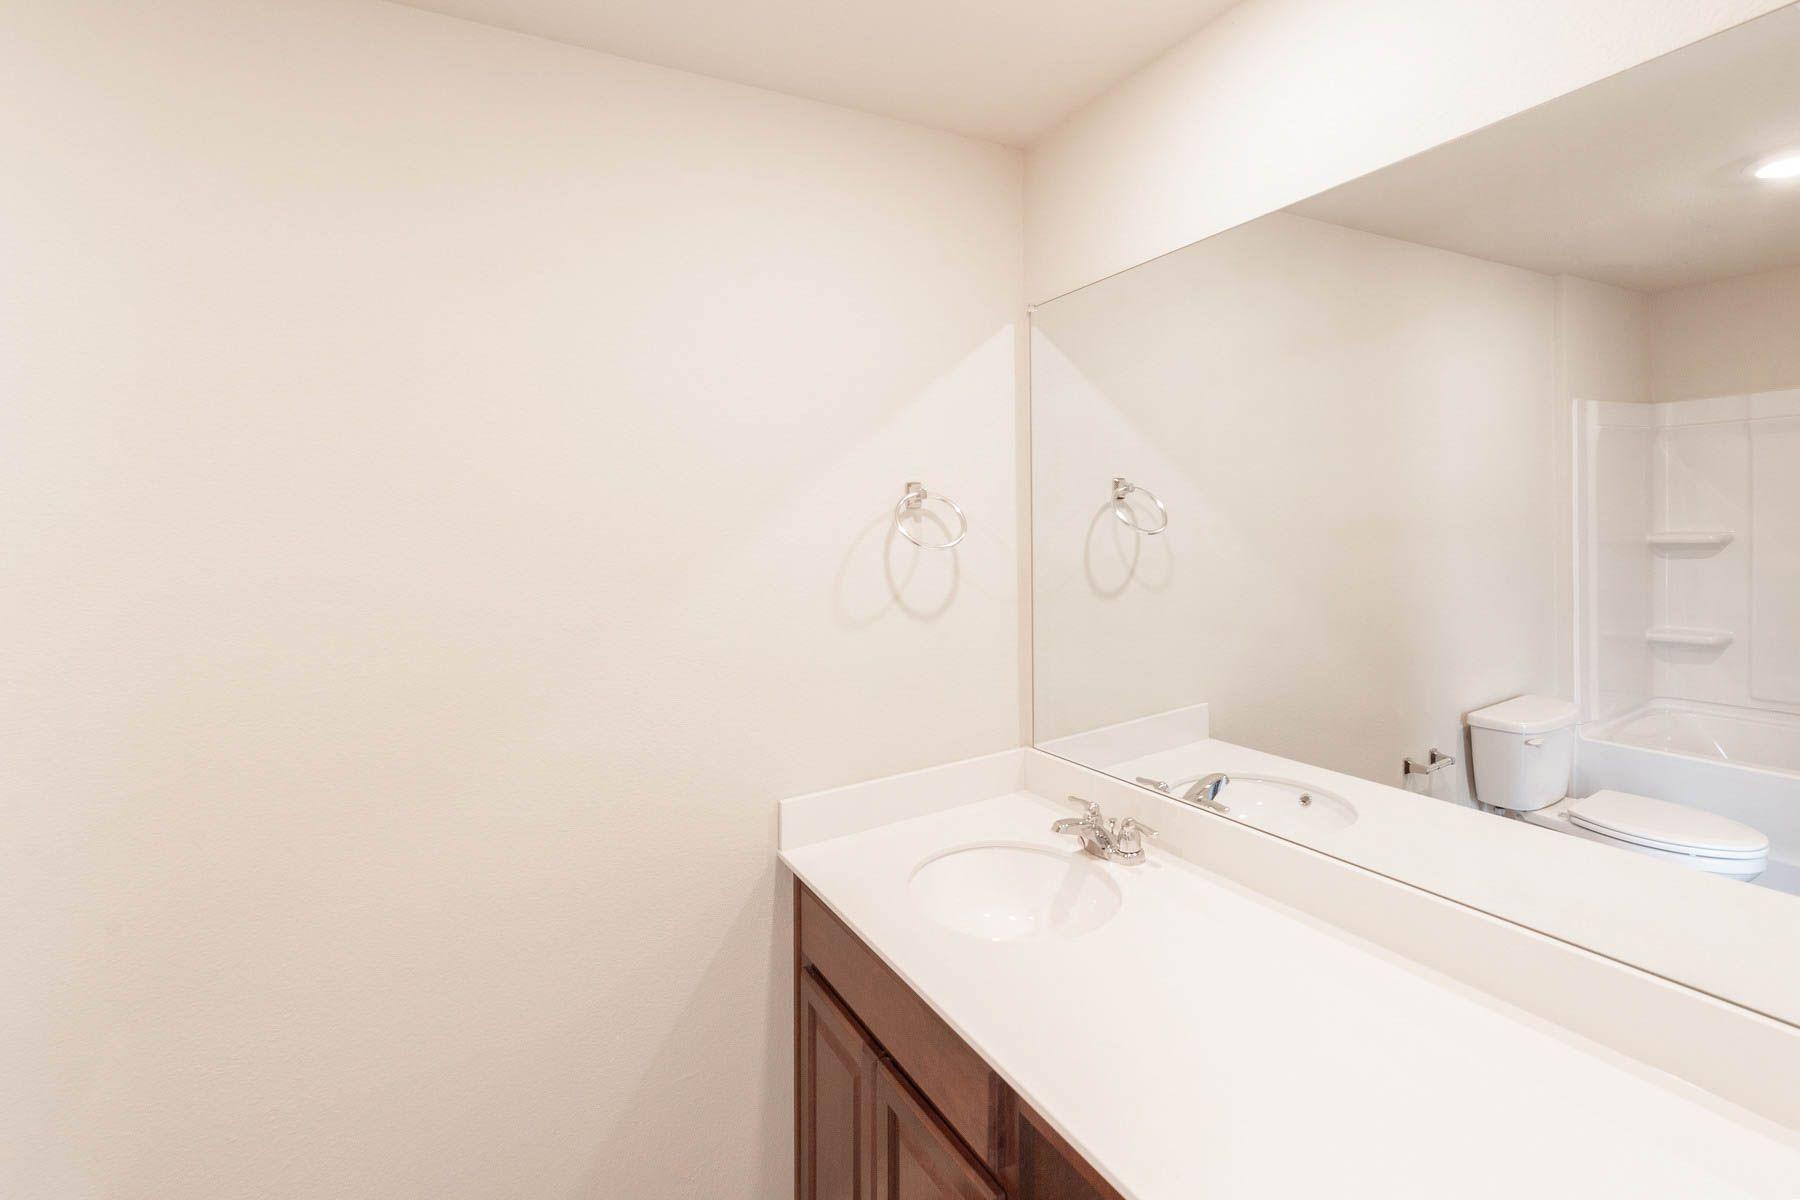 Bathroom featured in the Charleston By LGI Homes in Birmingham, AL